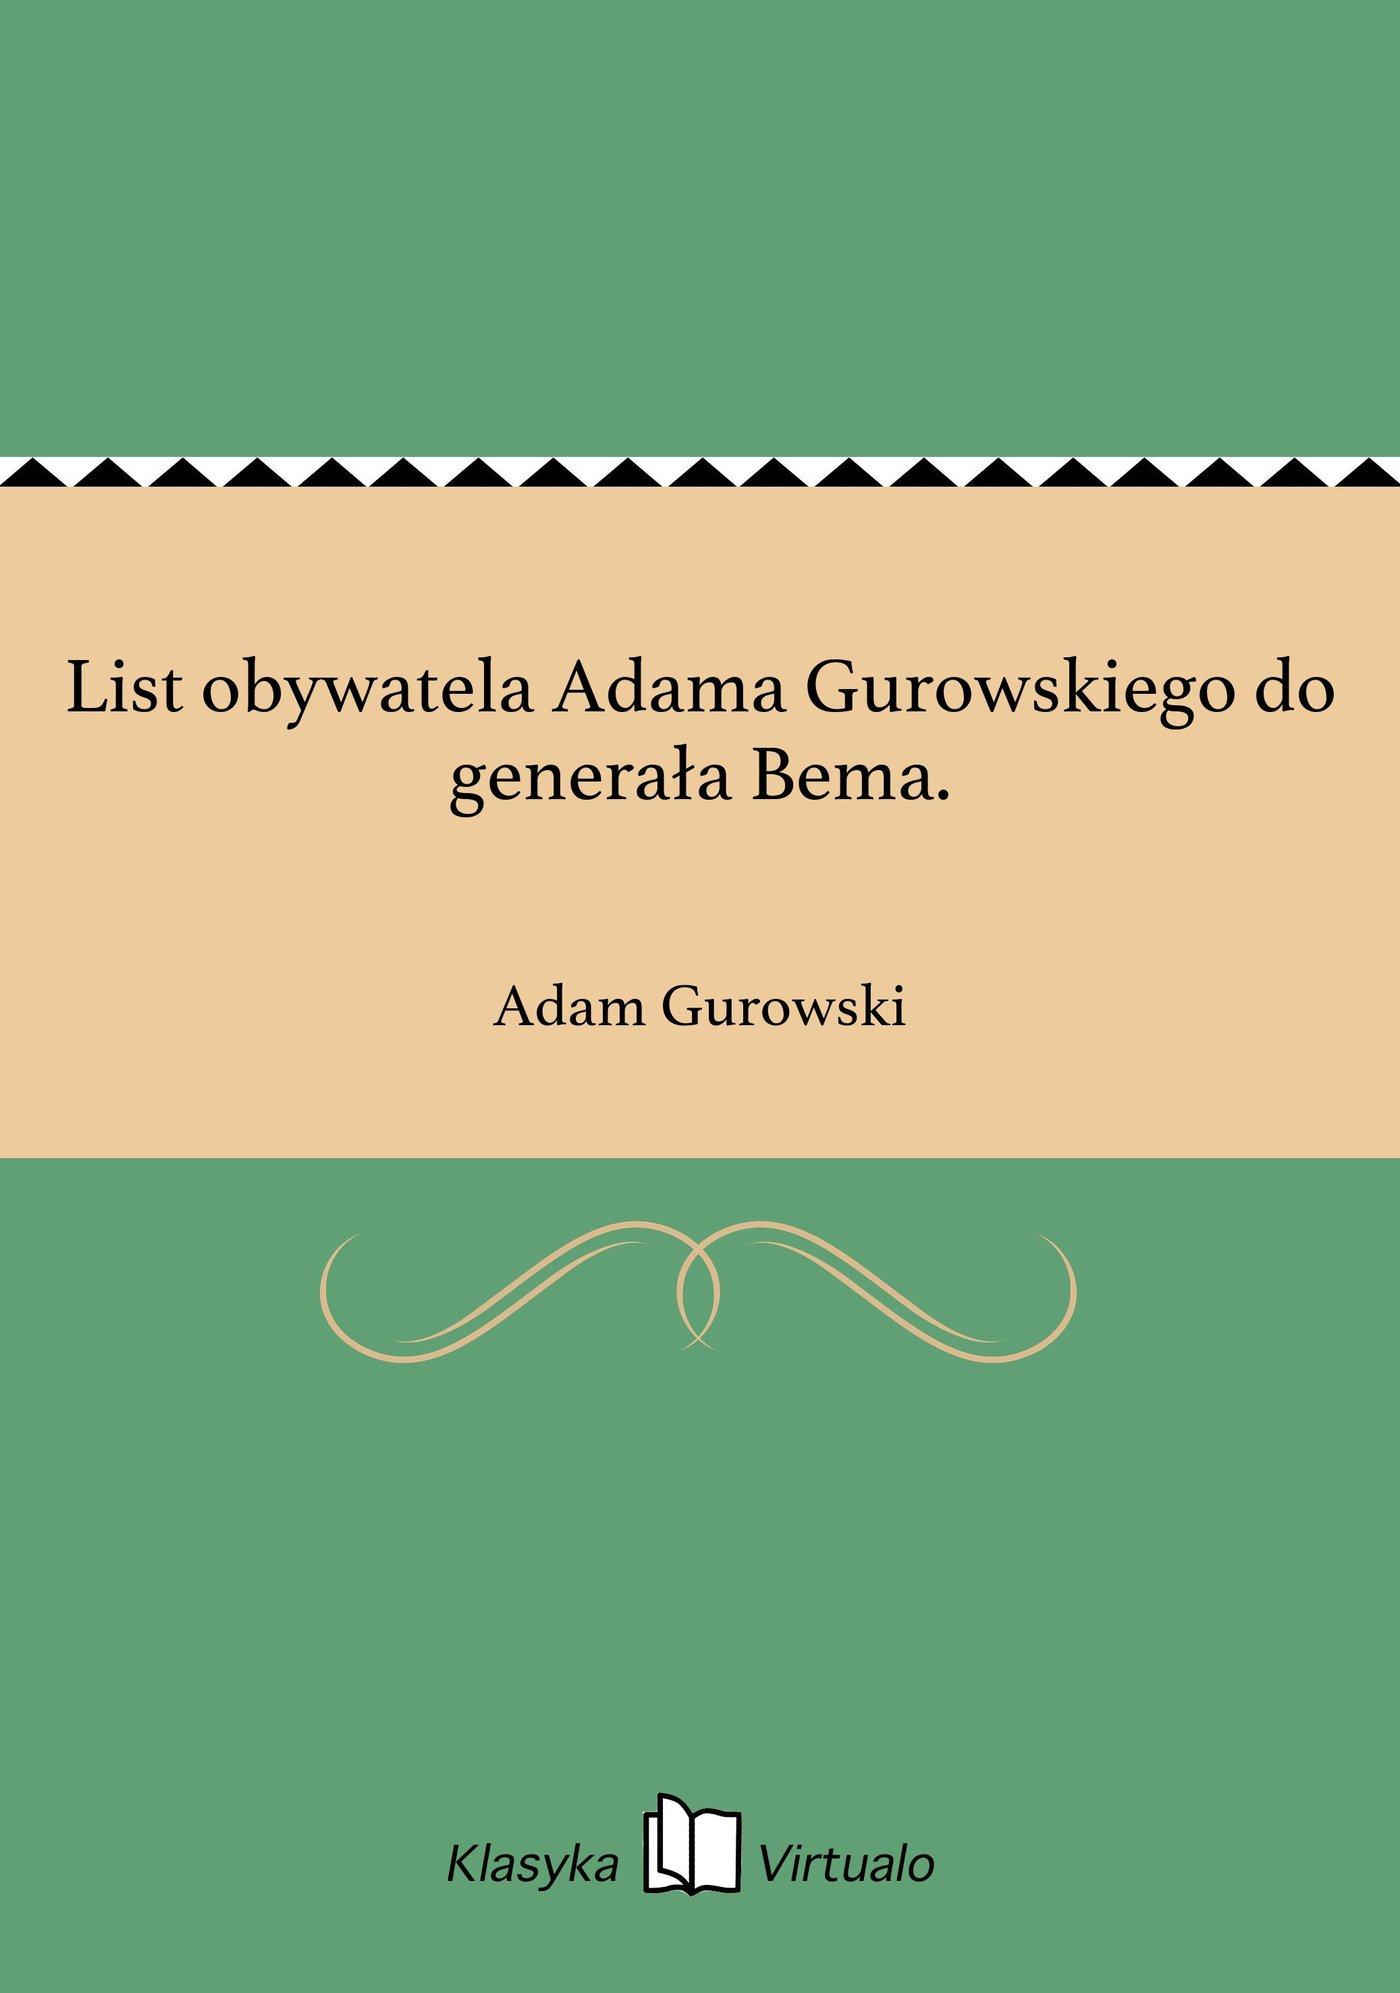 List obywatela Adama Gurowskiego do generała Bema. - Ebook (Książka EPUB) do pobrania w formacie EPUB